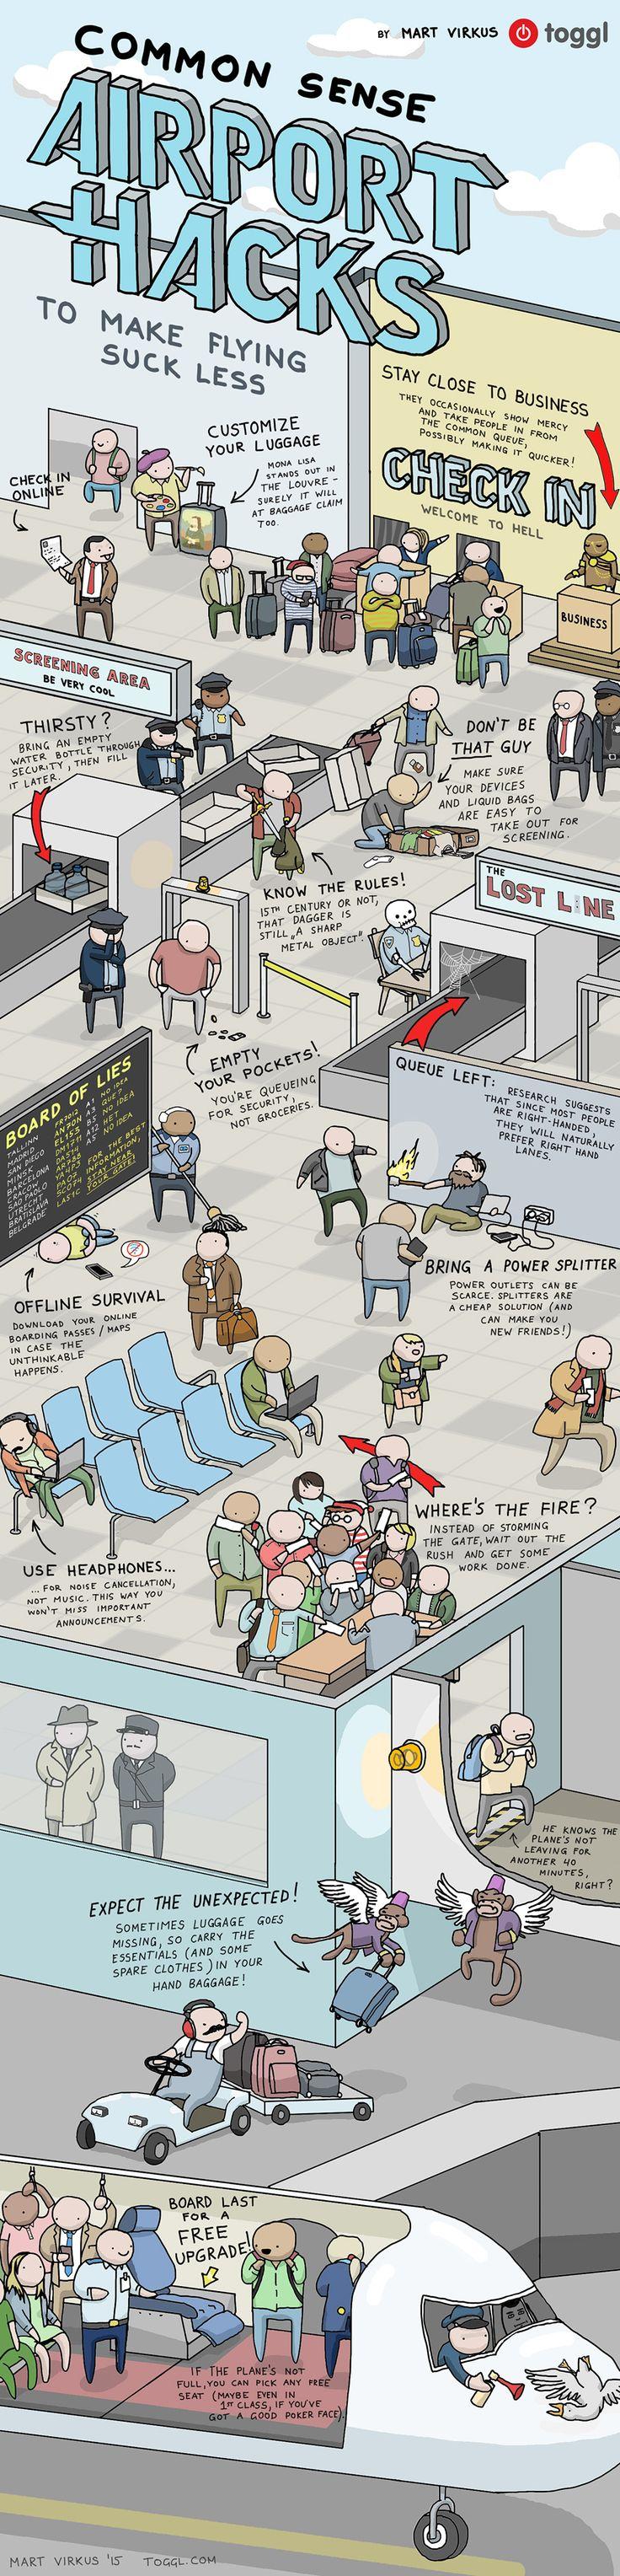 Dicas de aeroporto… até o avião descolar!